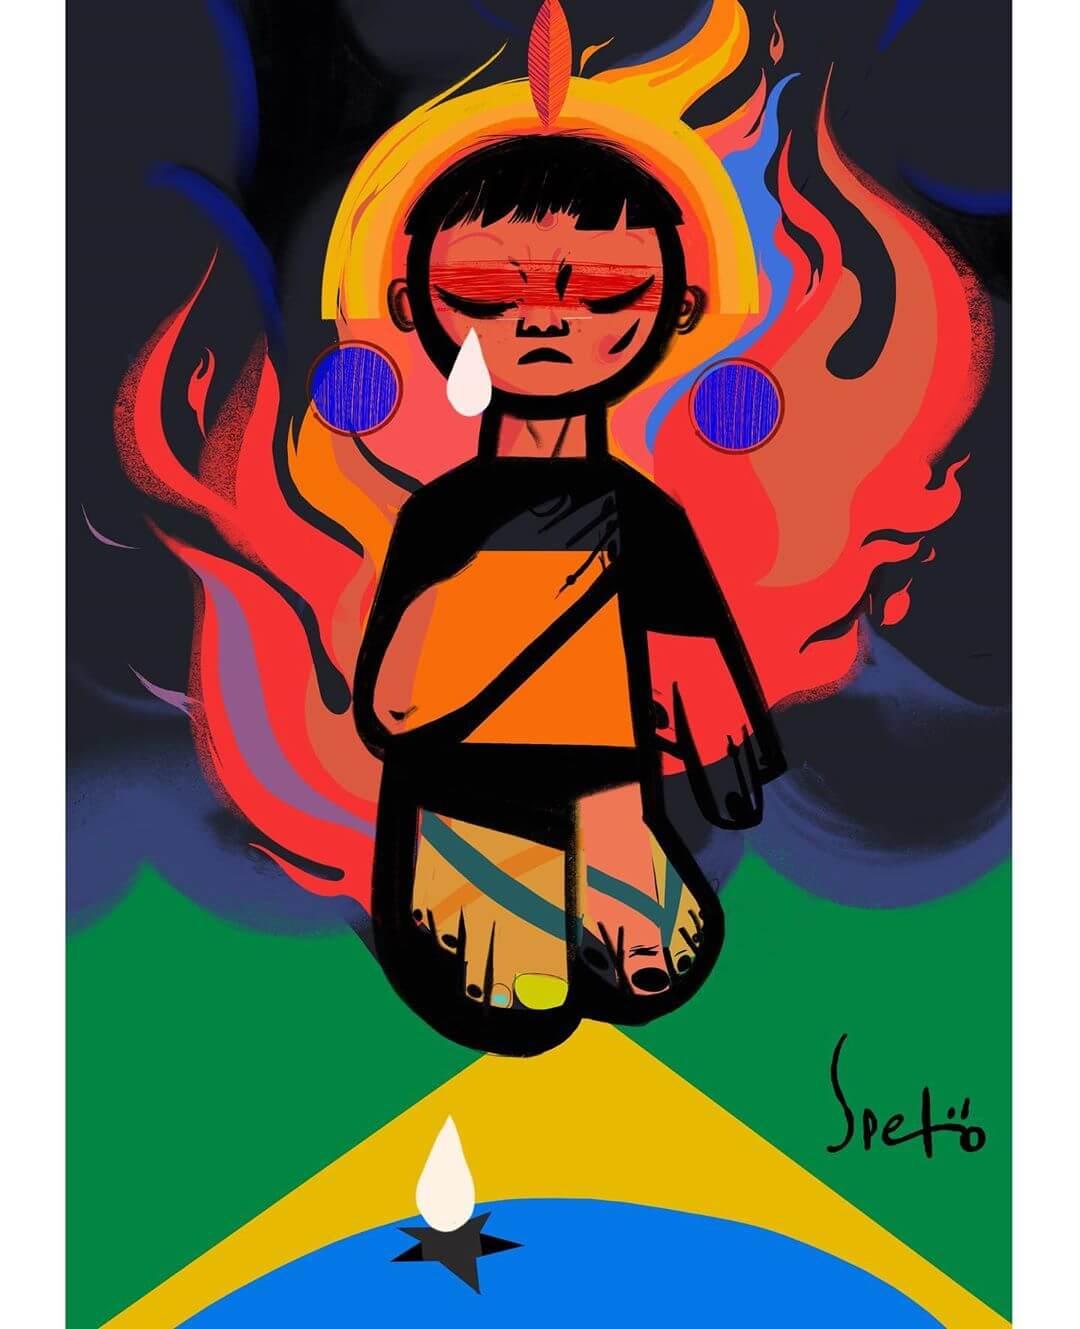 ilustración de Speto sobre el incendio en el Amazonas